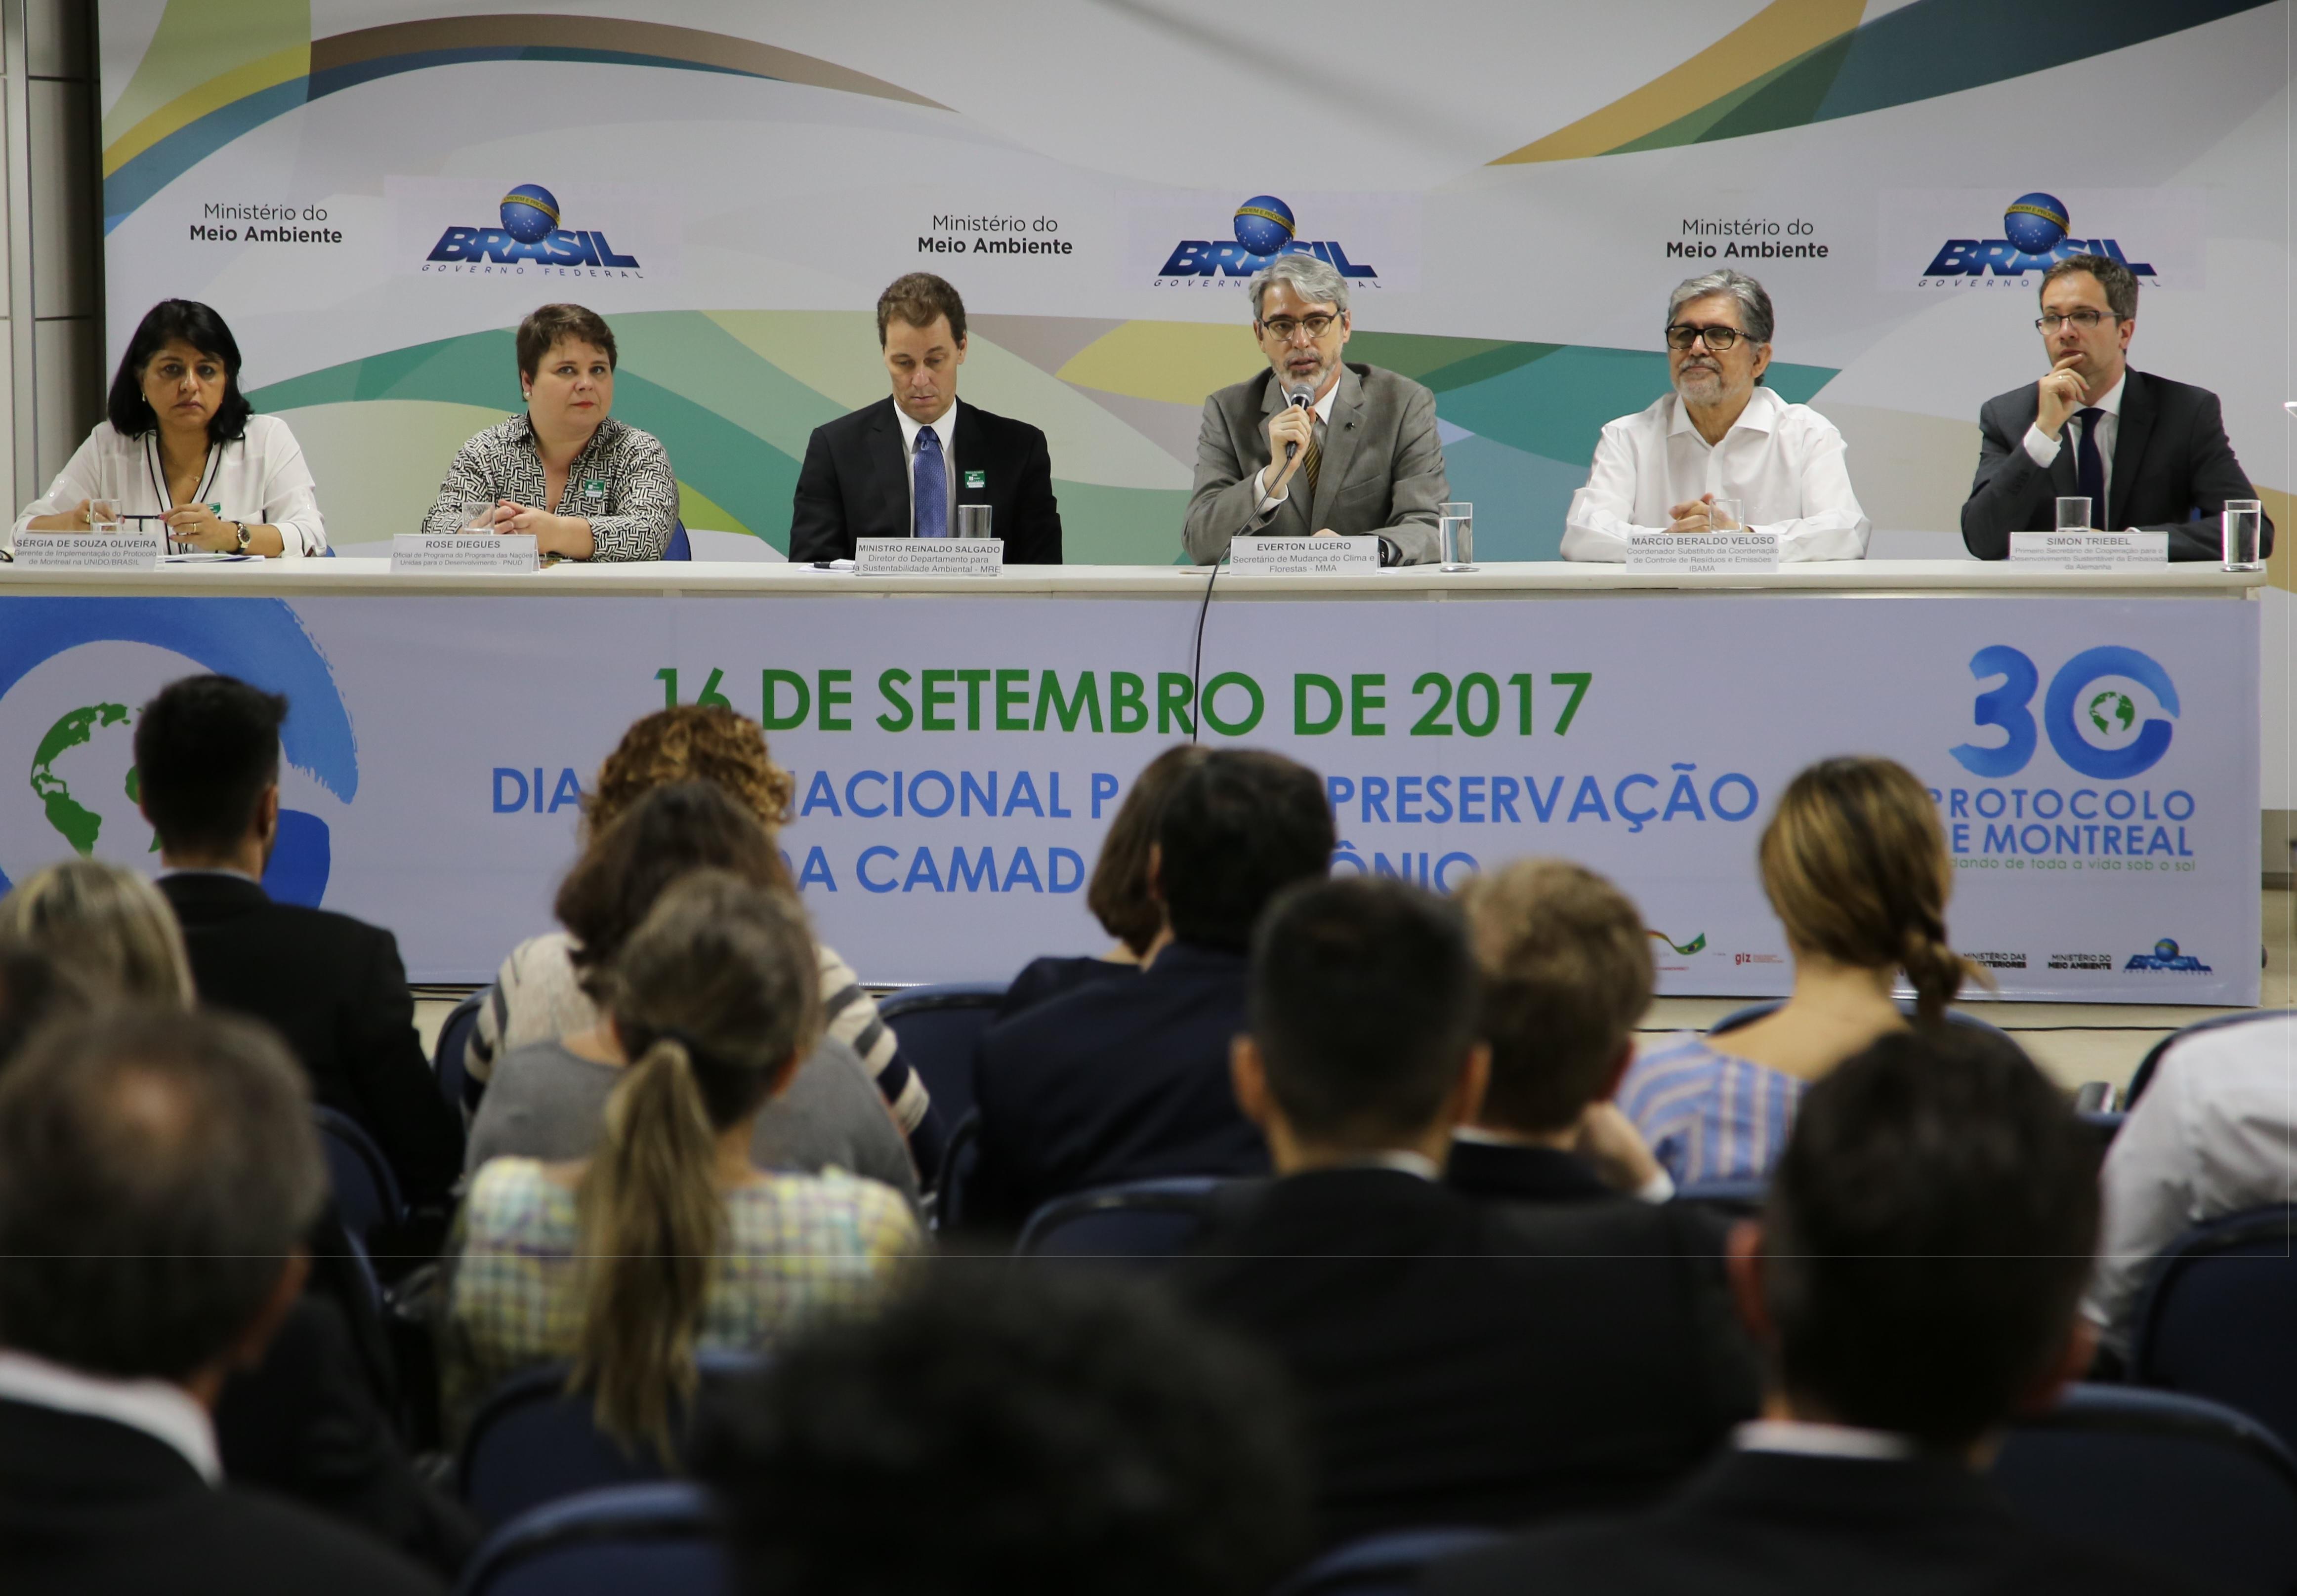 Cerimônia em Brasília celebra 30 anos do Protocolo de Montreal